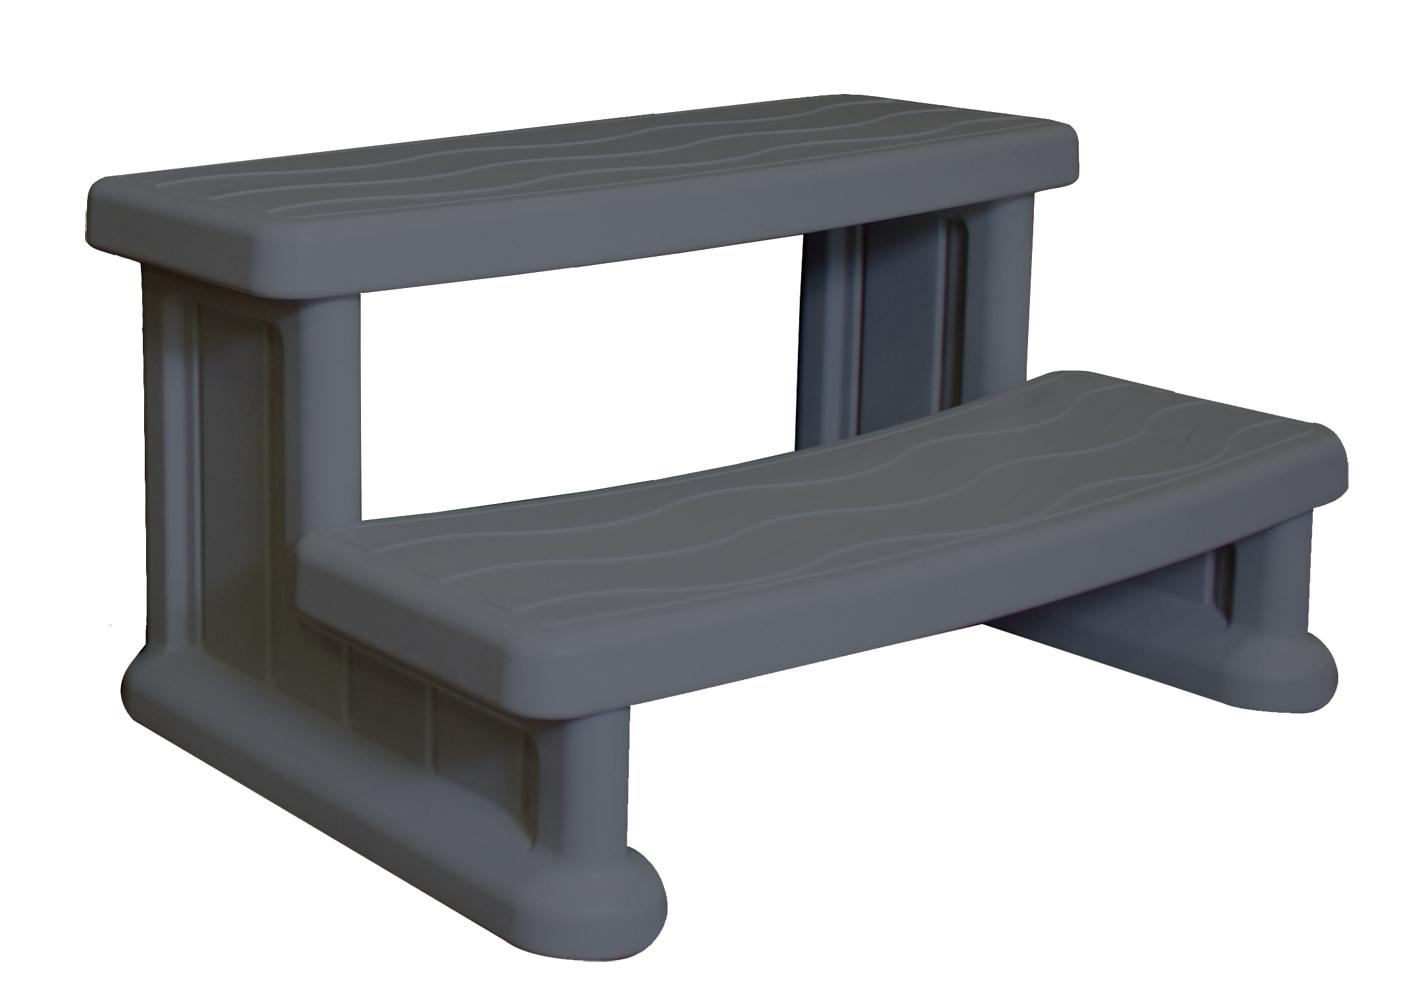 marche pied pour spa gonflable accessoires pour spas gonflables spas gonflables. Black Bedroom Furniture Sets. Home Design Ideas